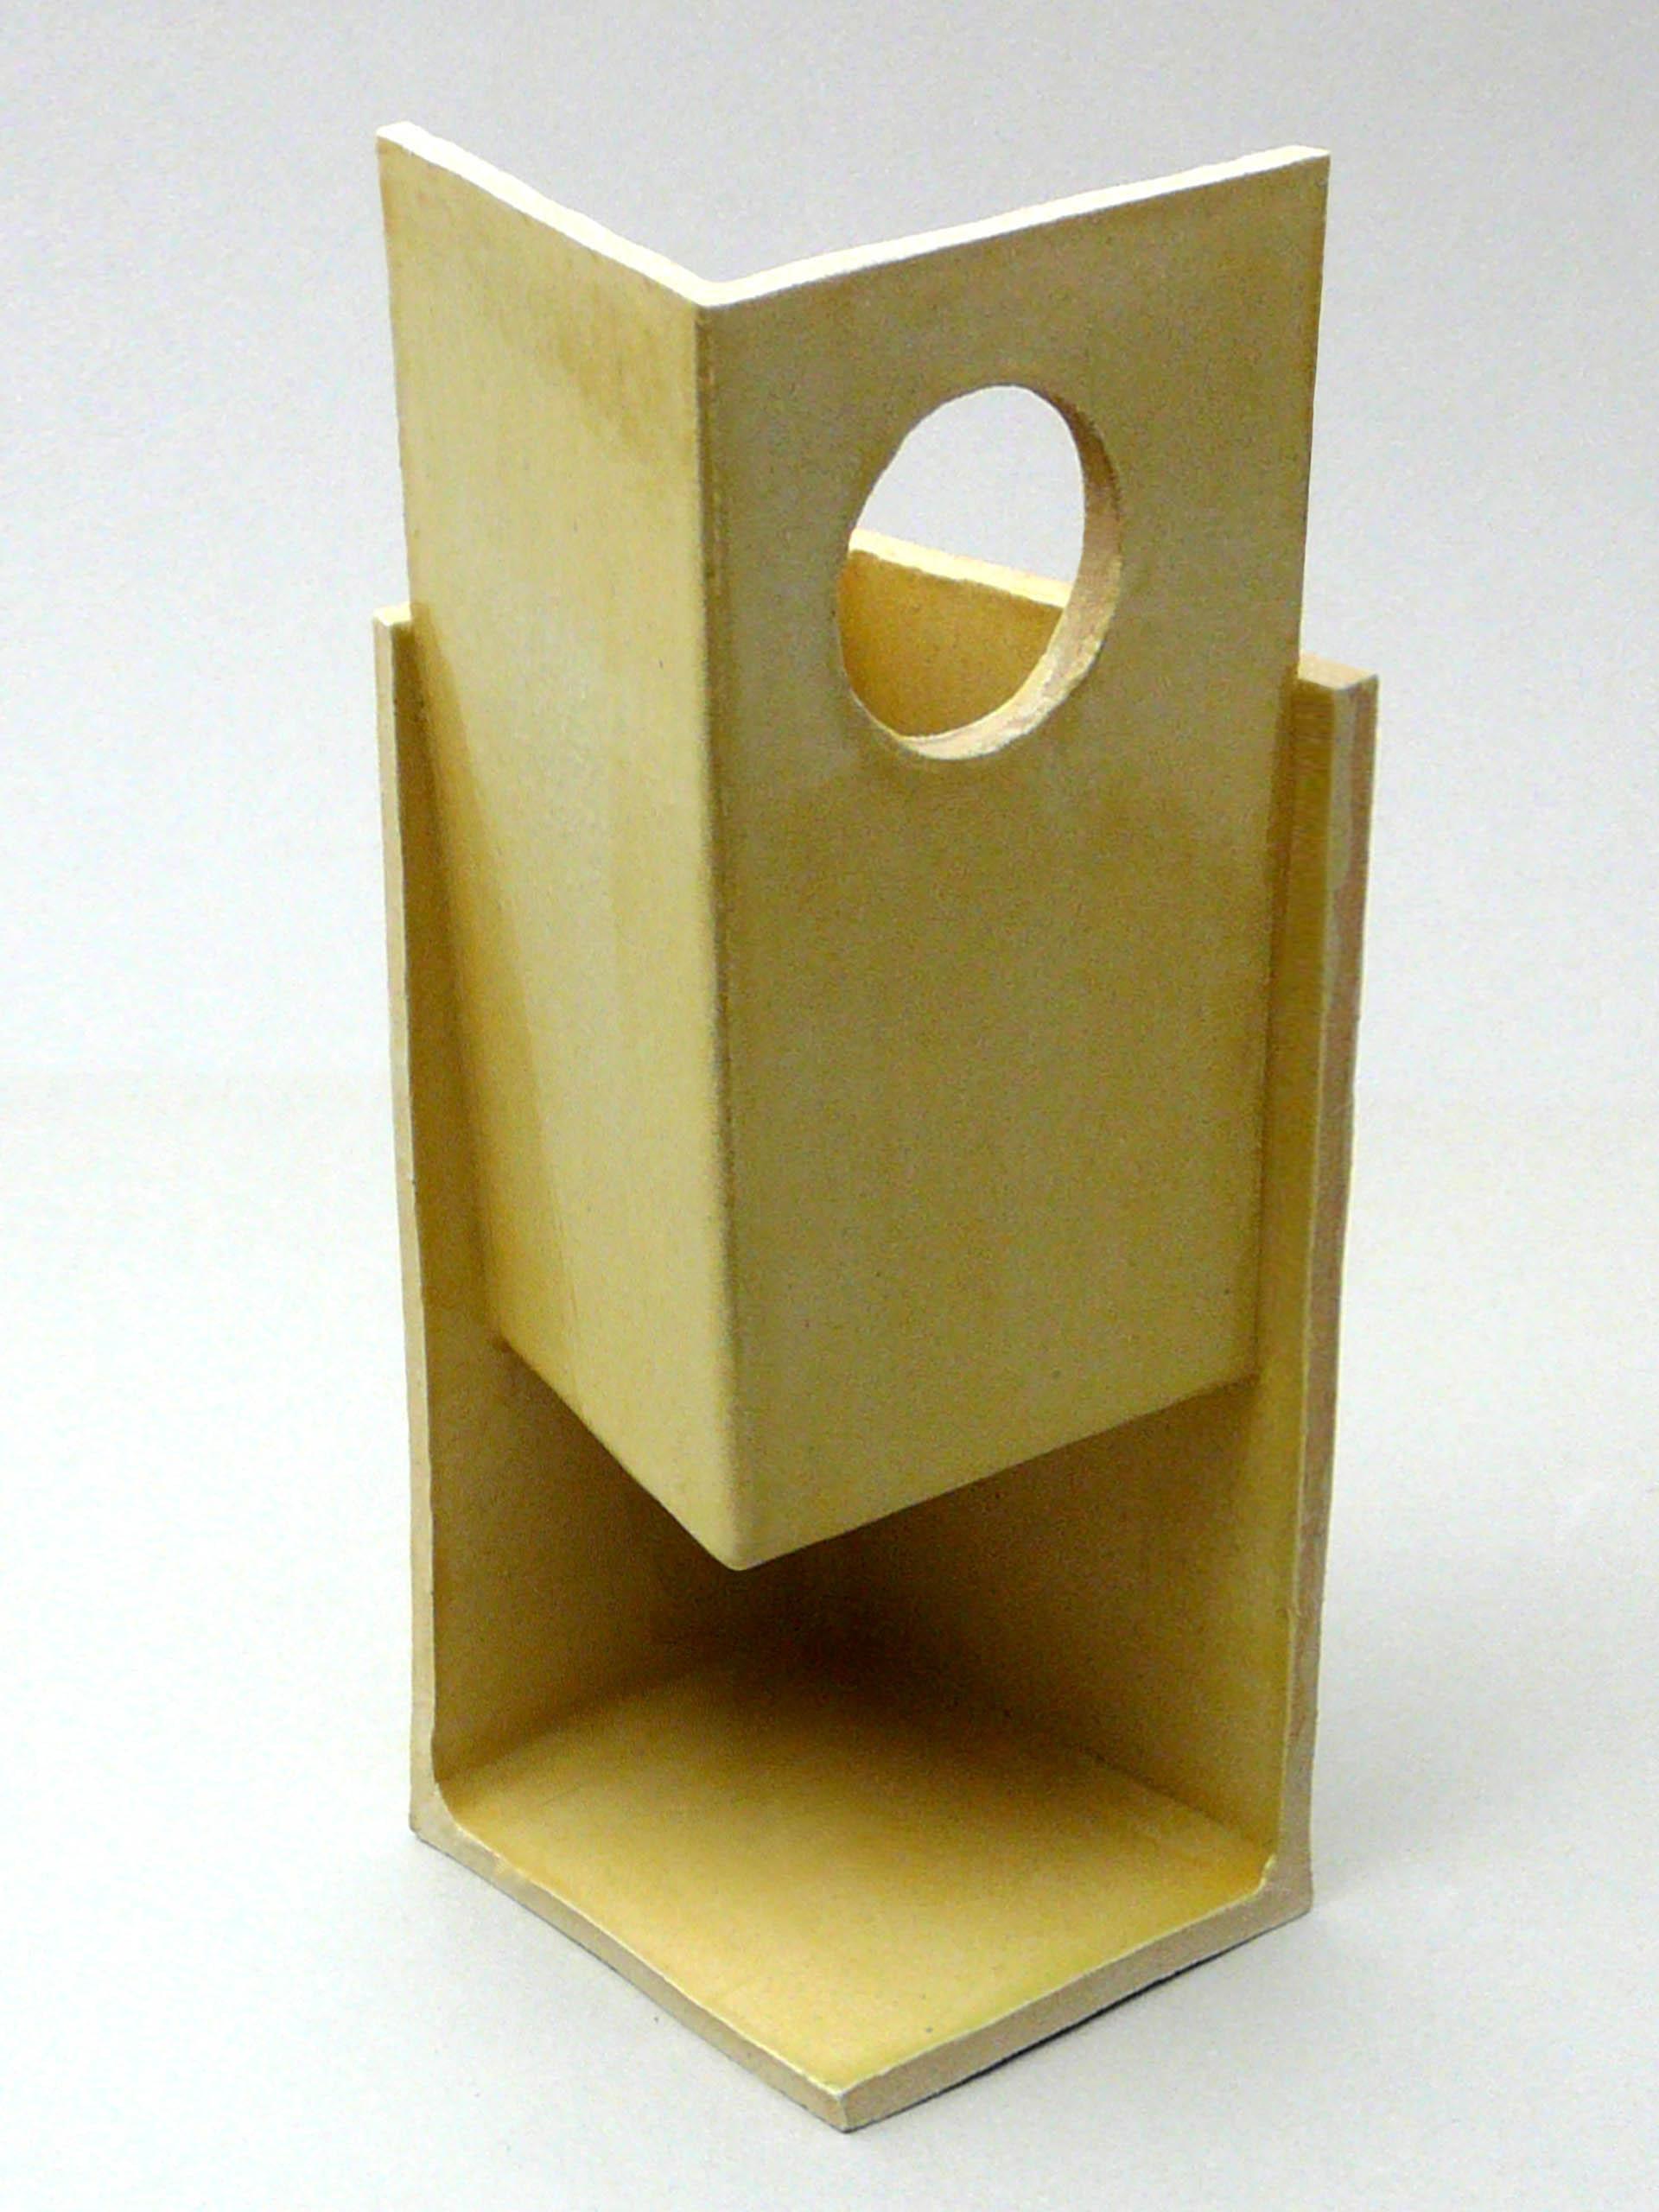 Vase #11